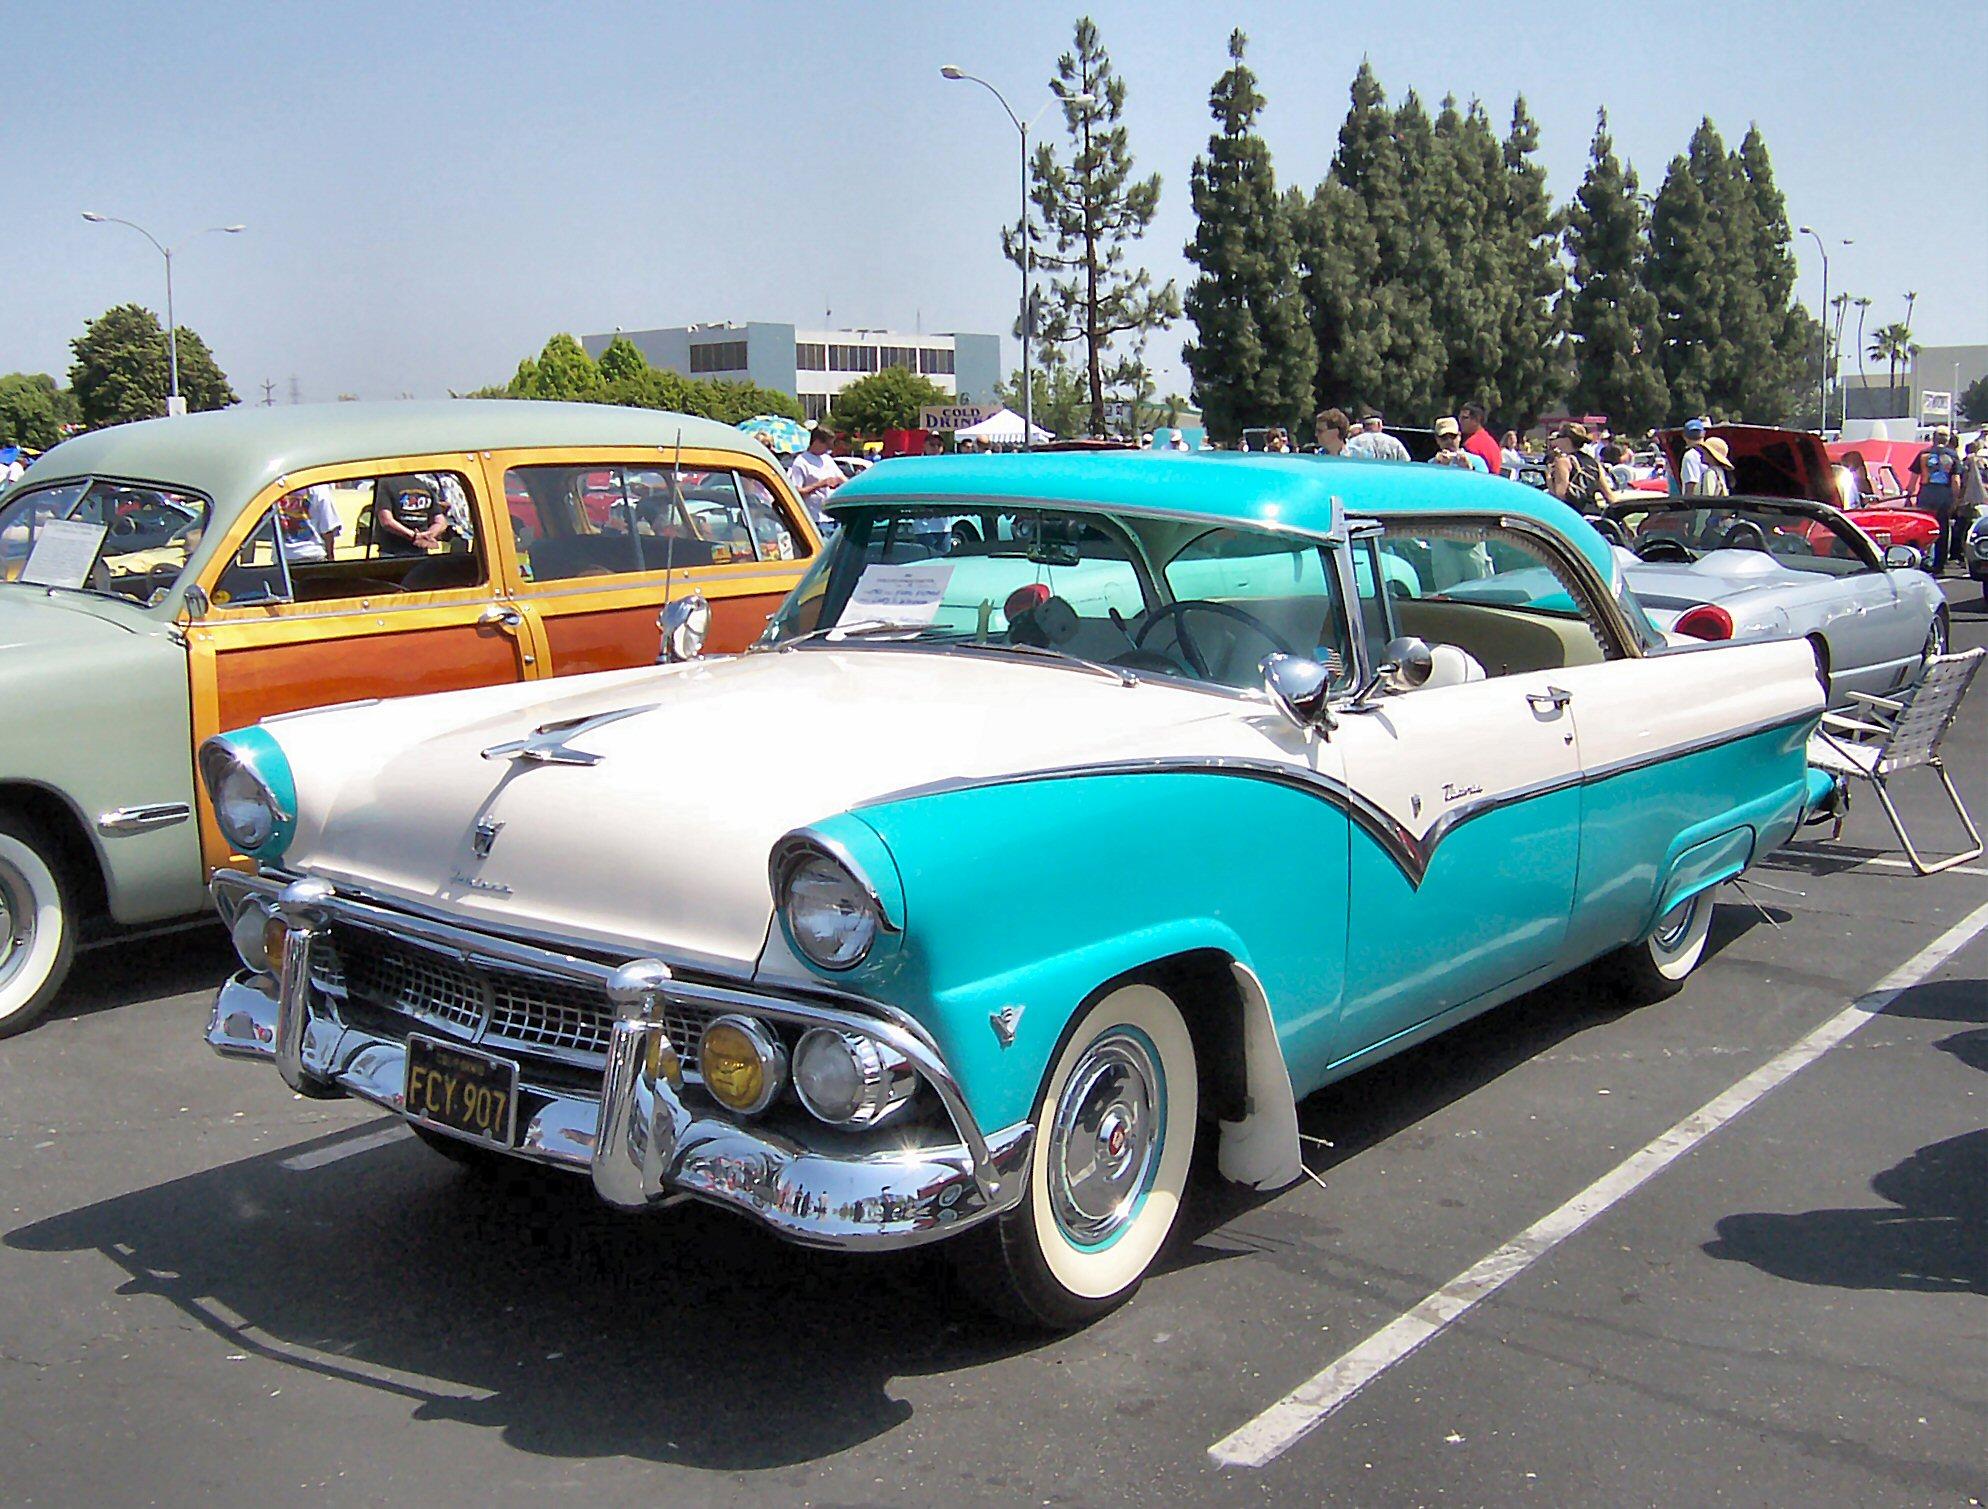 Archivo:1955 Ford Fairlane Victoria.jpg